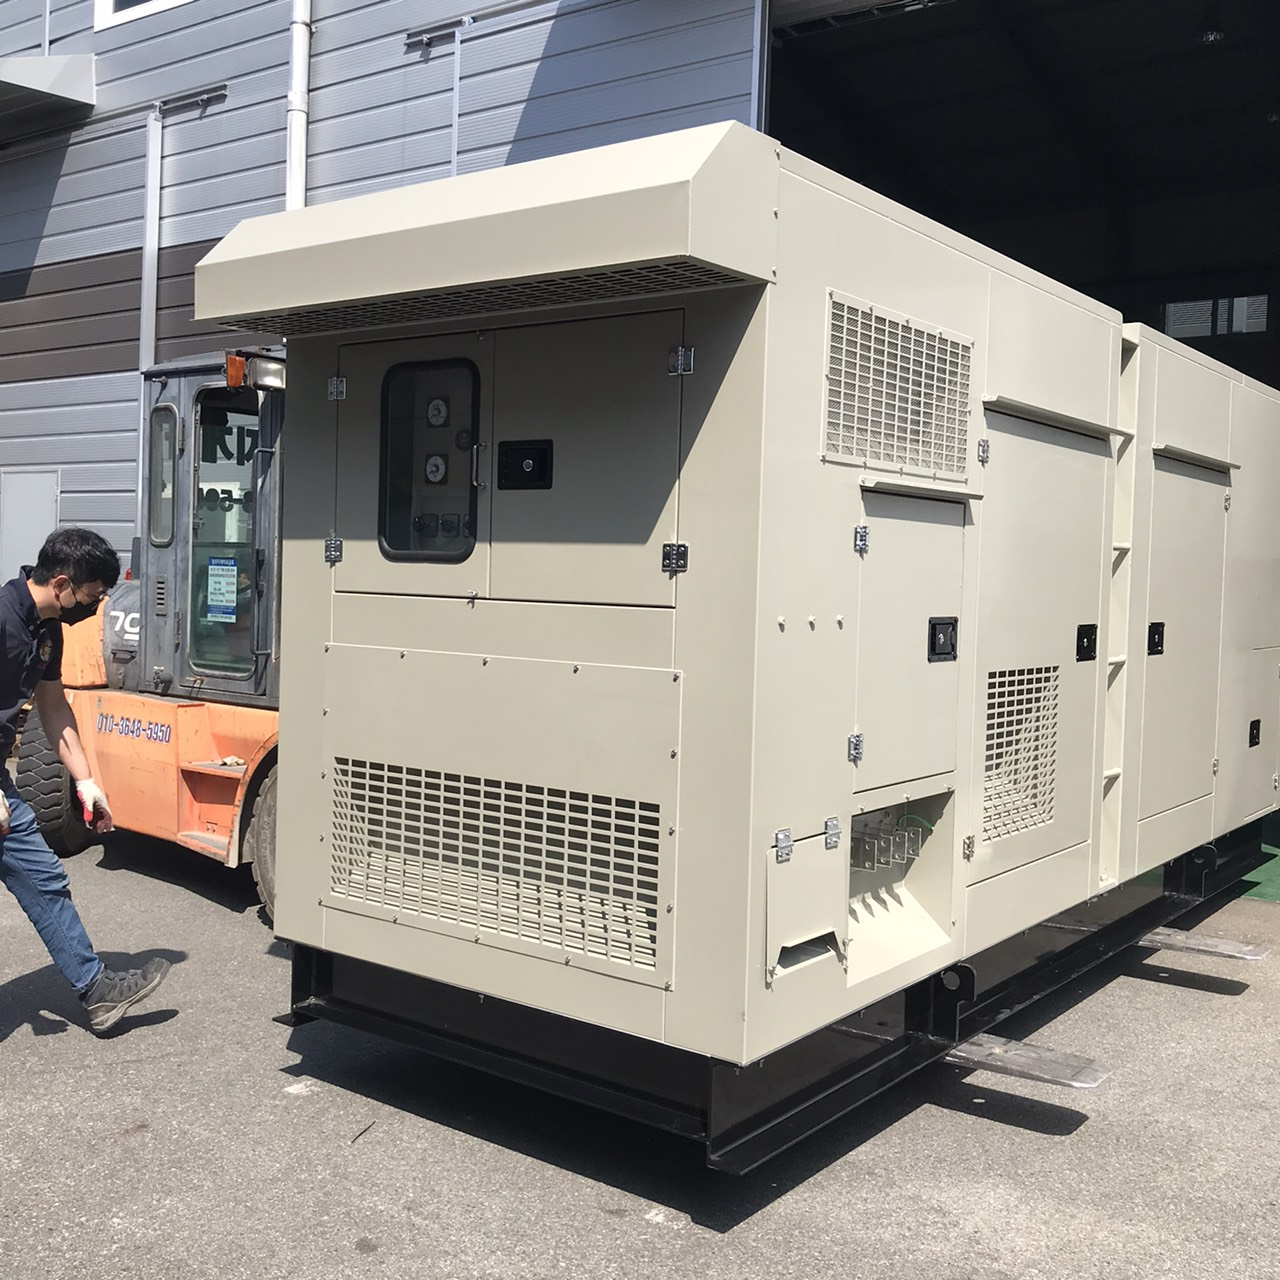 移動式発電機KGD500は、仮設でも、ピークカットでも、非常用発電設備としても